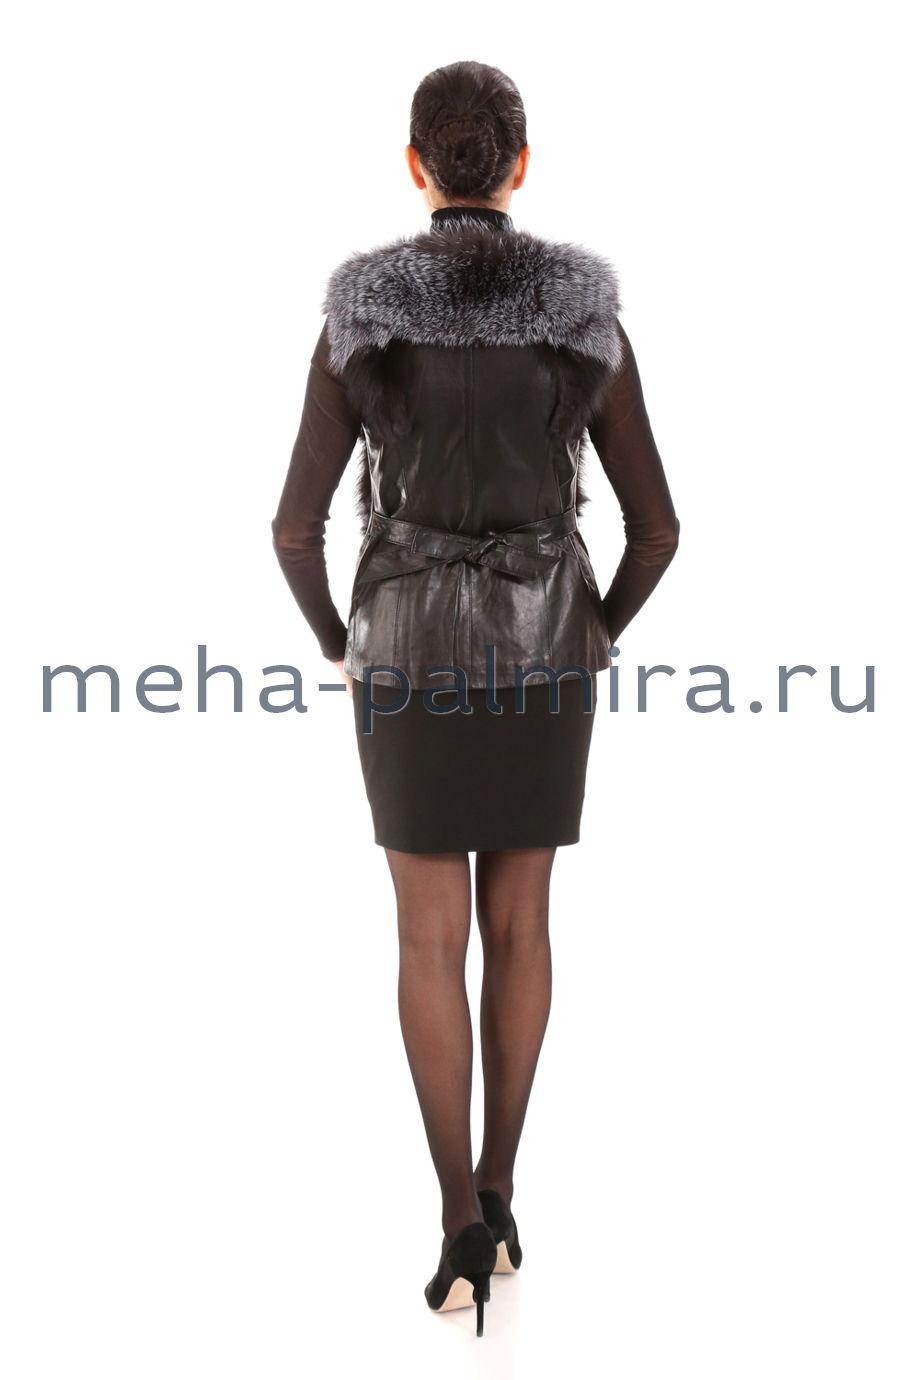 Короткий жилет из кожи и меха лисы-чернобурки на молнии